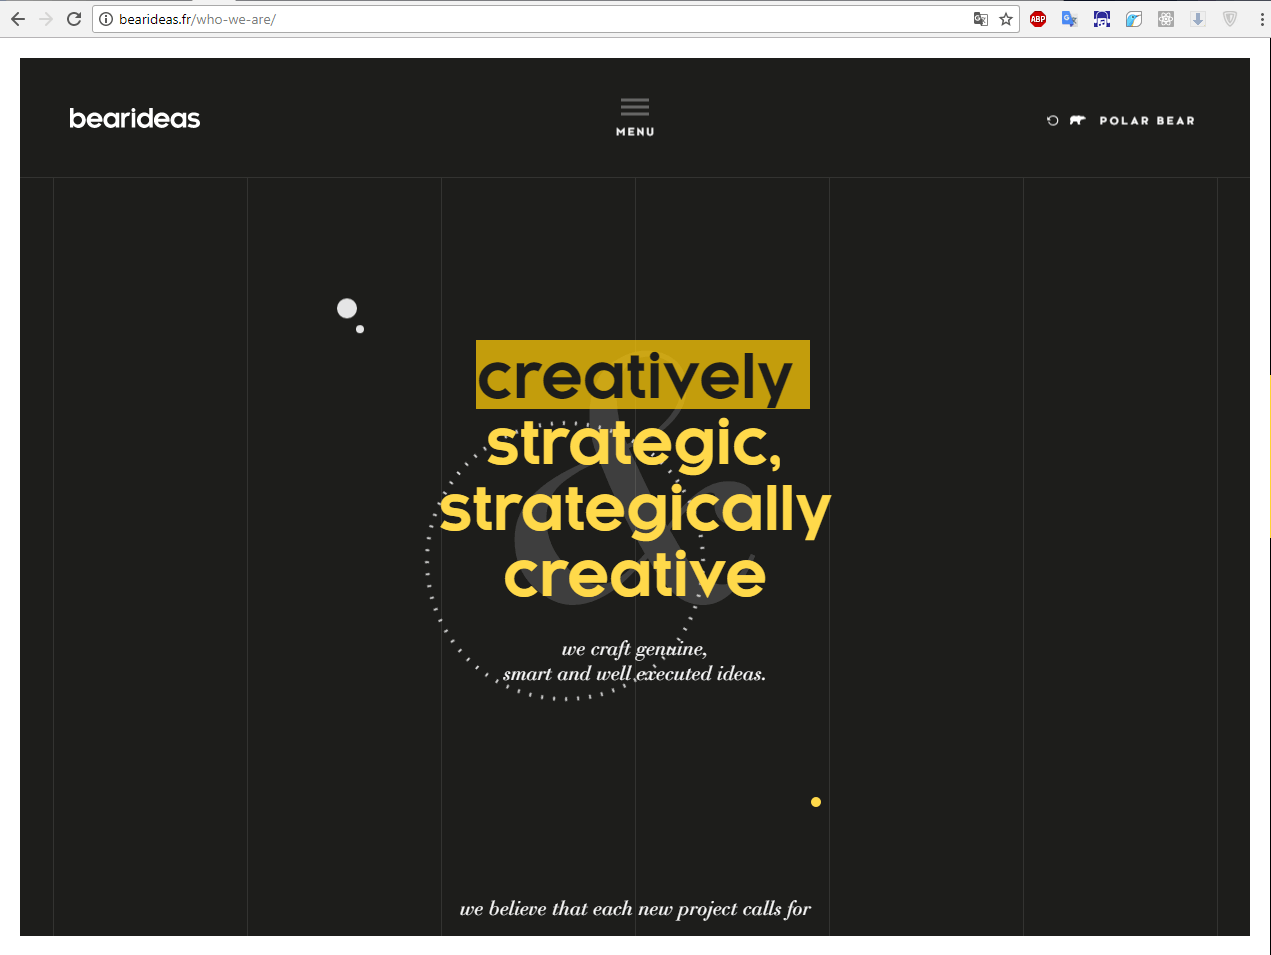 Обзор сайта bearideas • Создание и продвижение сайтов